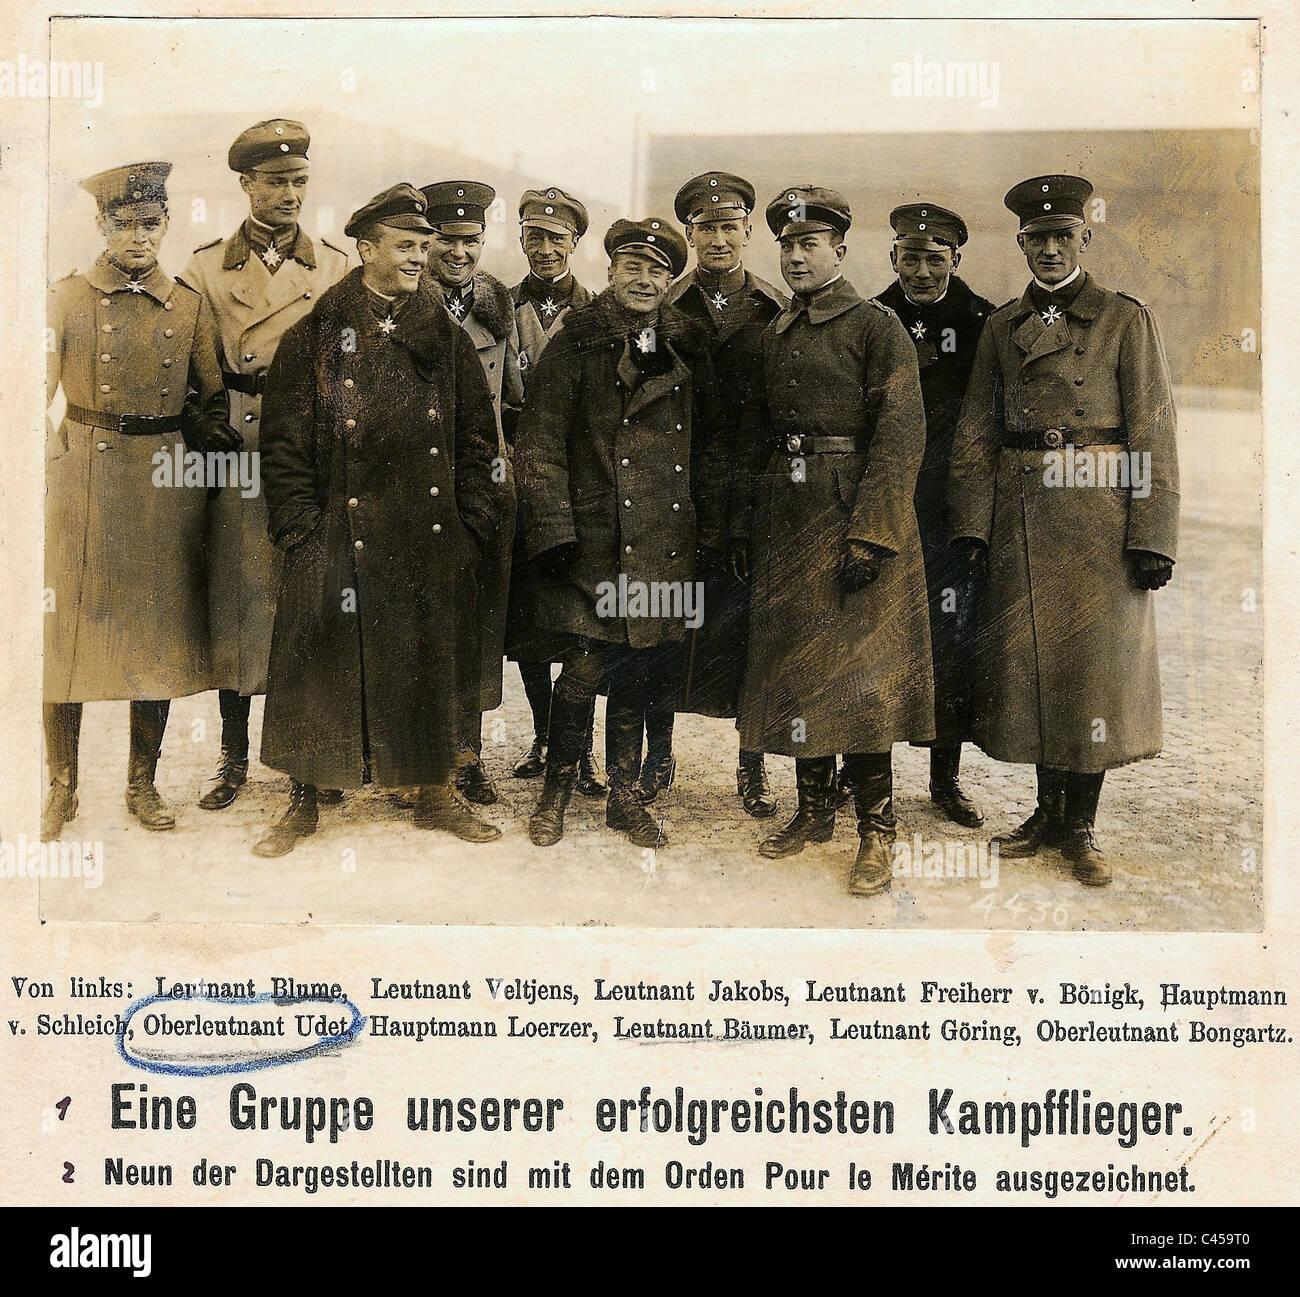 Ernst Udet con sus compañeros en la Primera Guerra Mundial Imagen De Stock